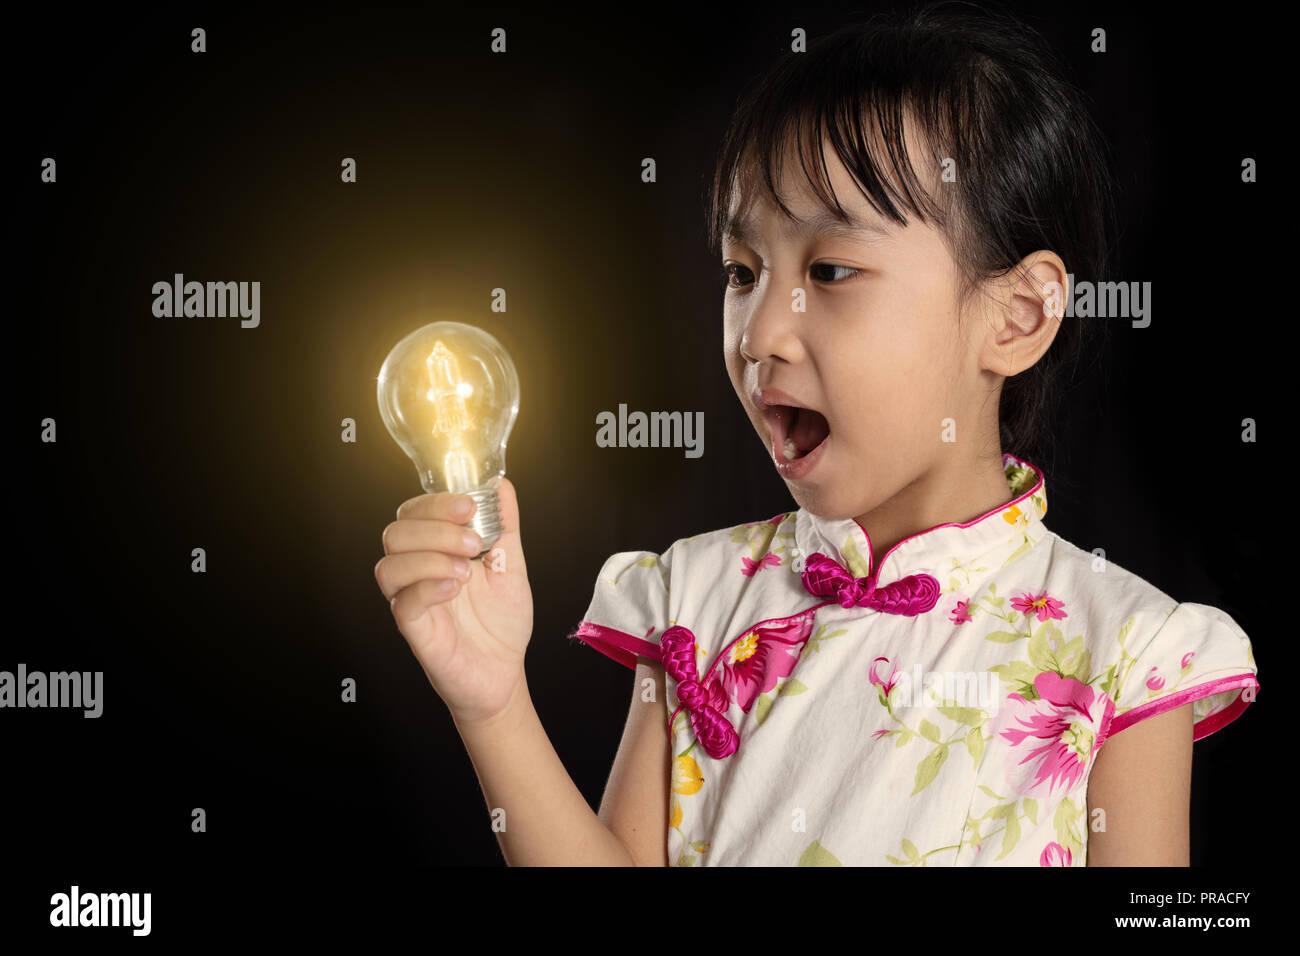 Chino Asia niña la celebración de una bombilla aisladas en fondo negro Imagen De Stock